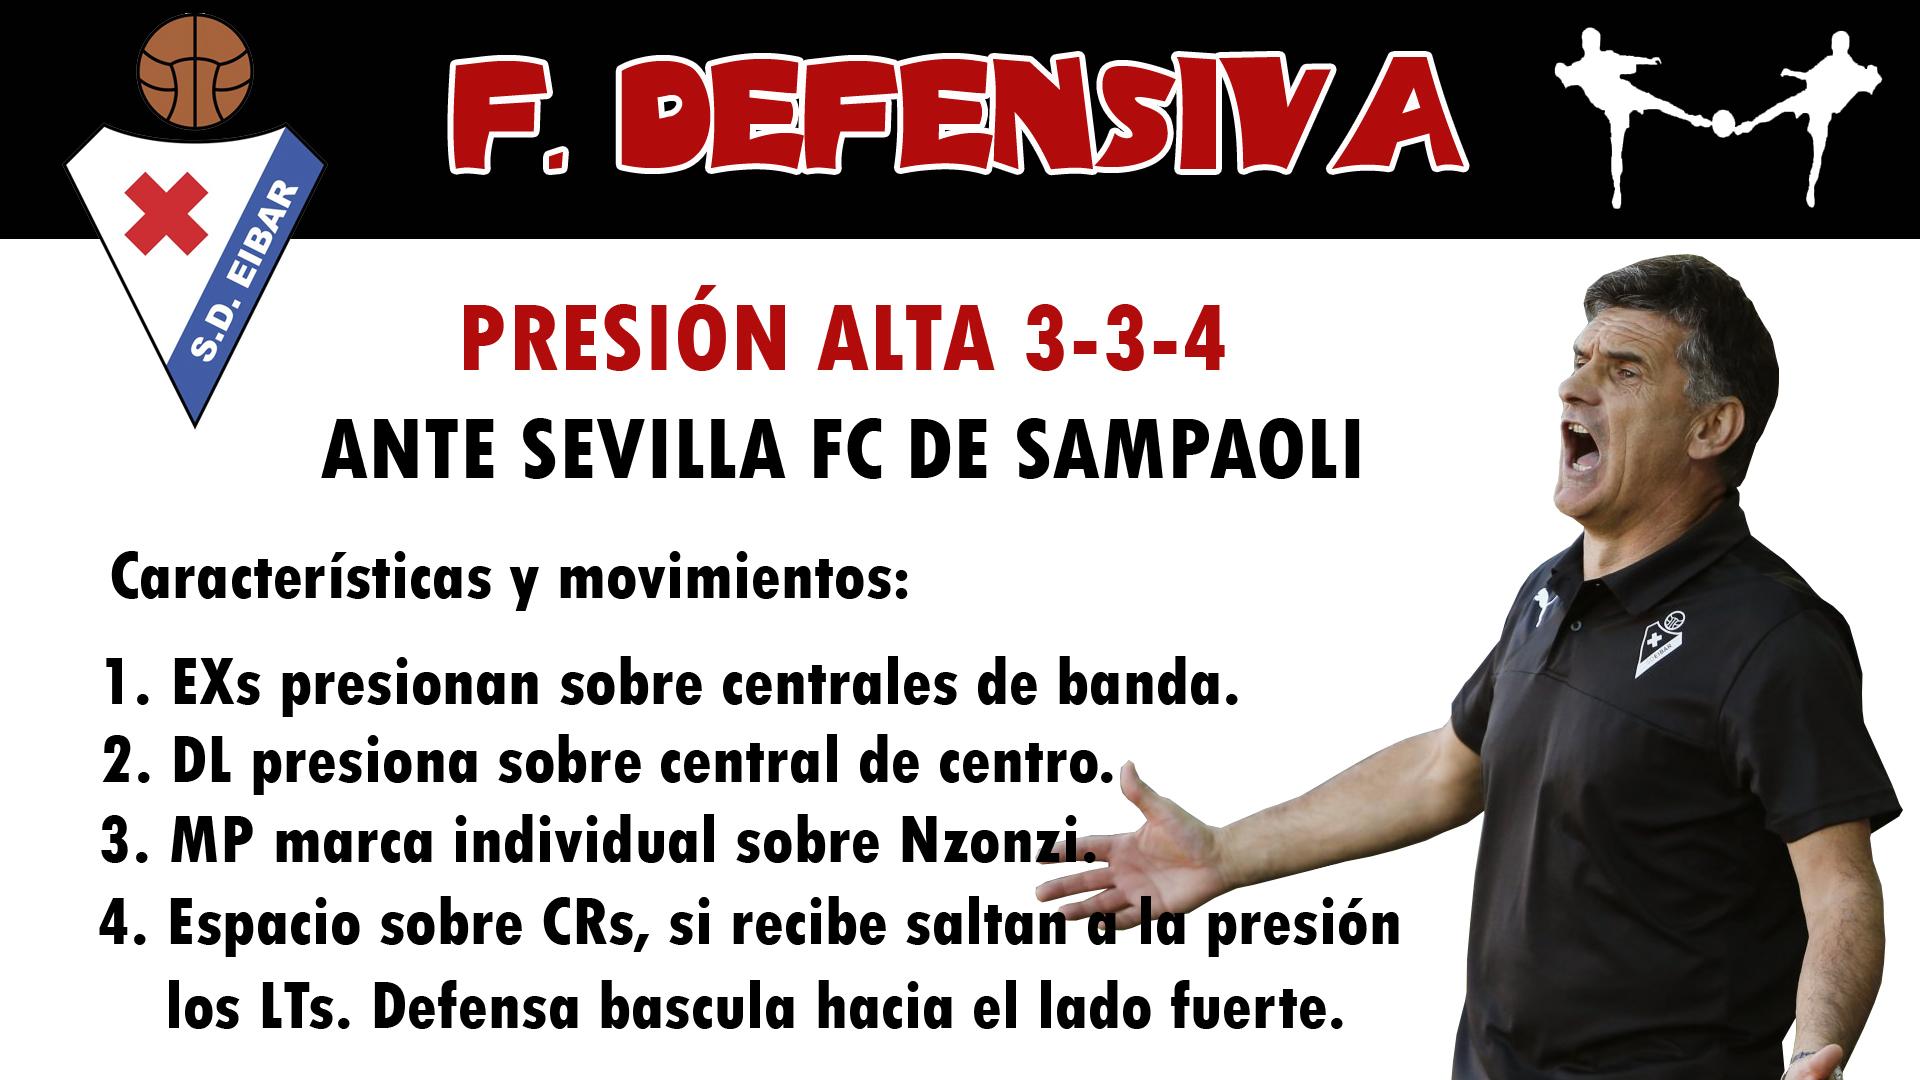 futbolcarrasco sd eibar mendilibar liga españa presión